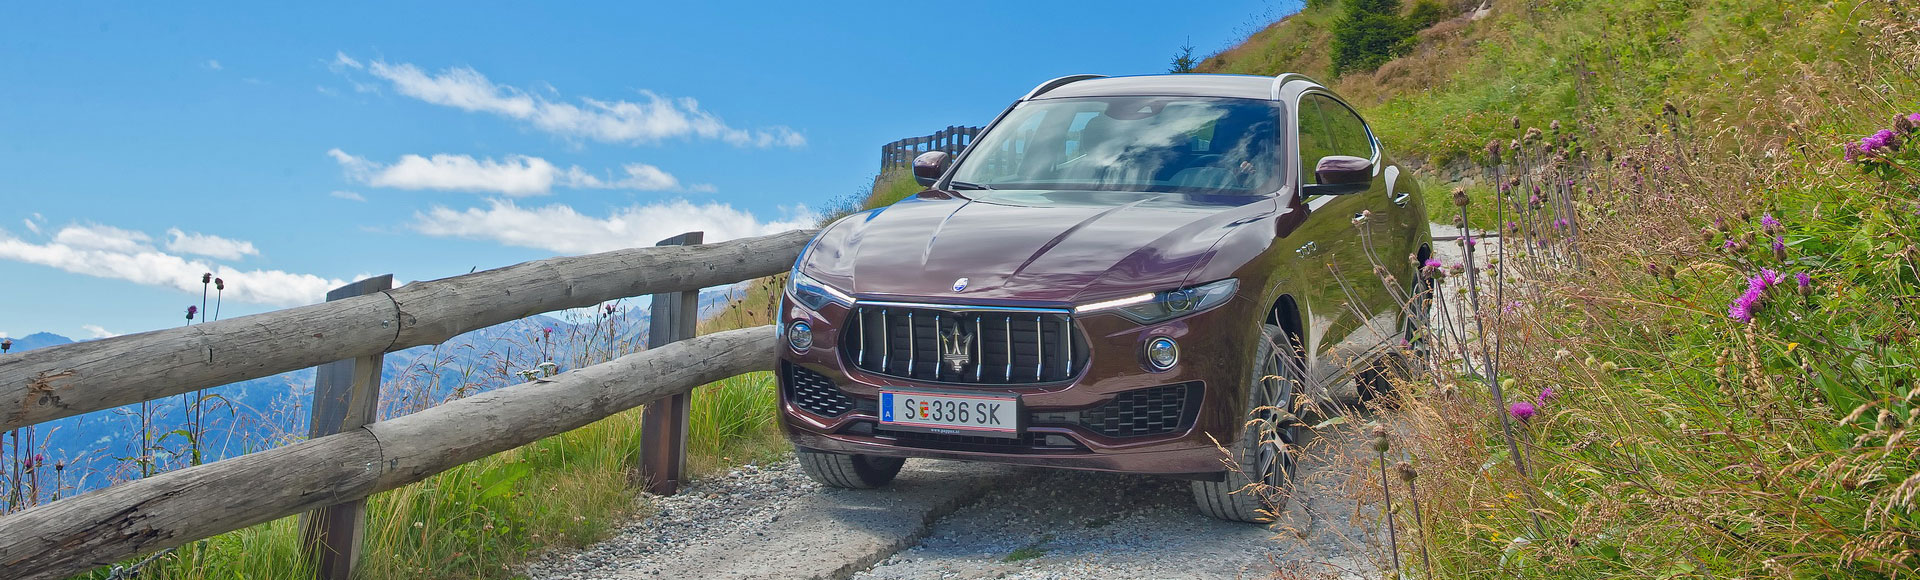 Maserati Levante 2016 735 Sommer Herbst